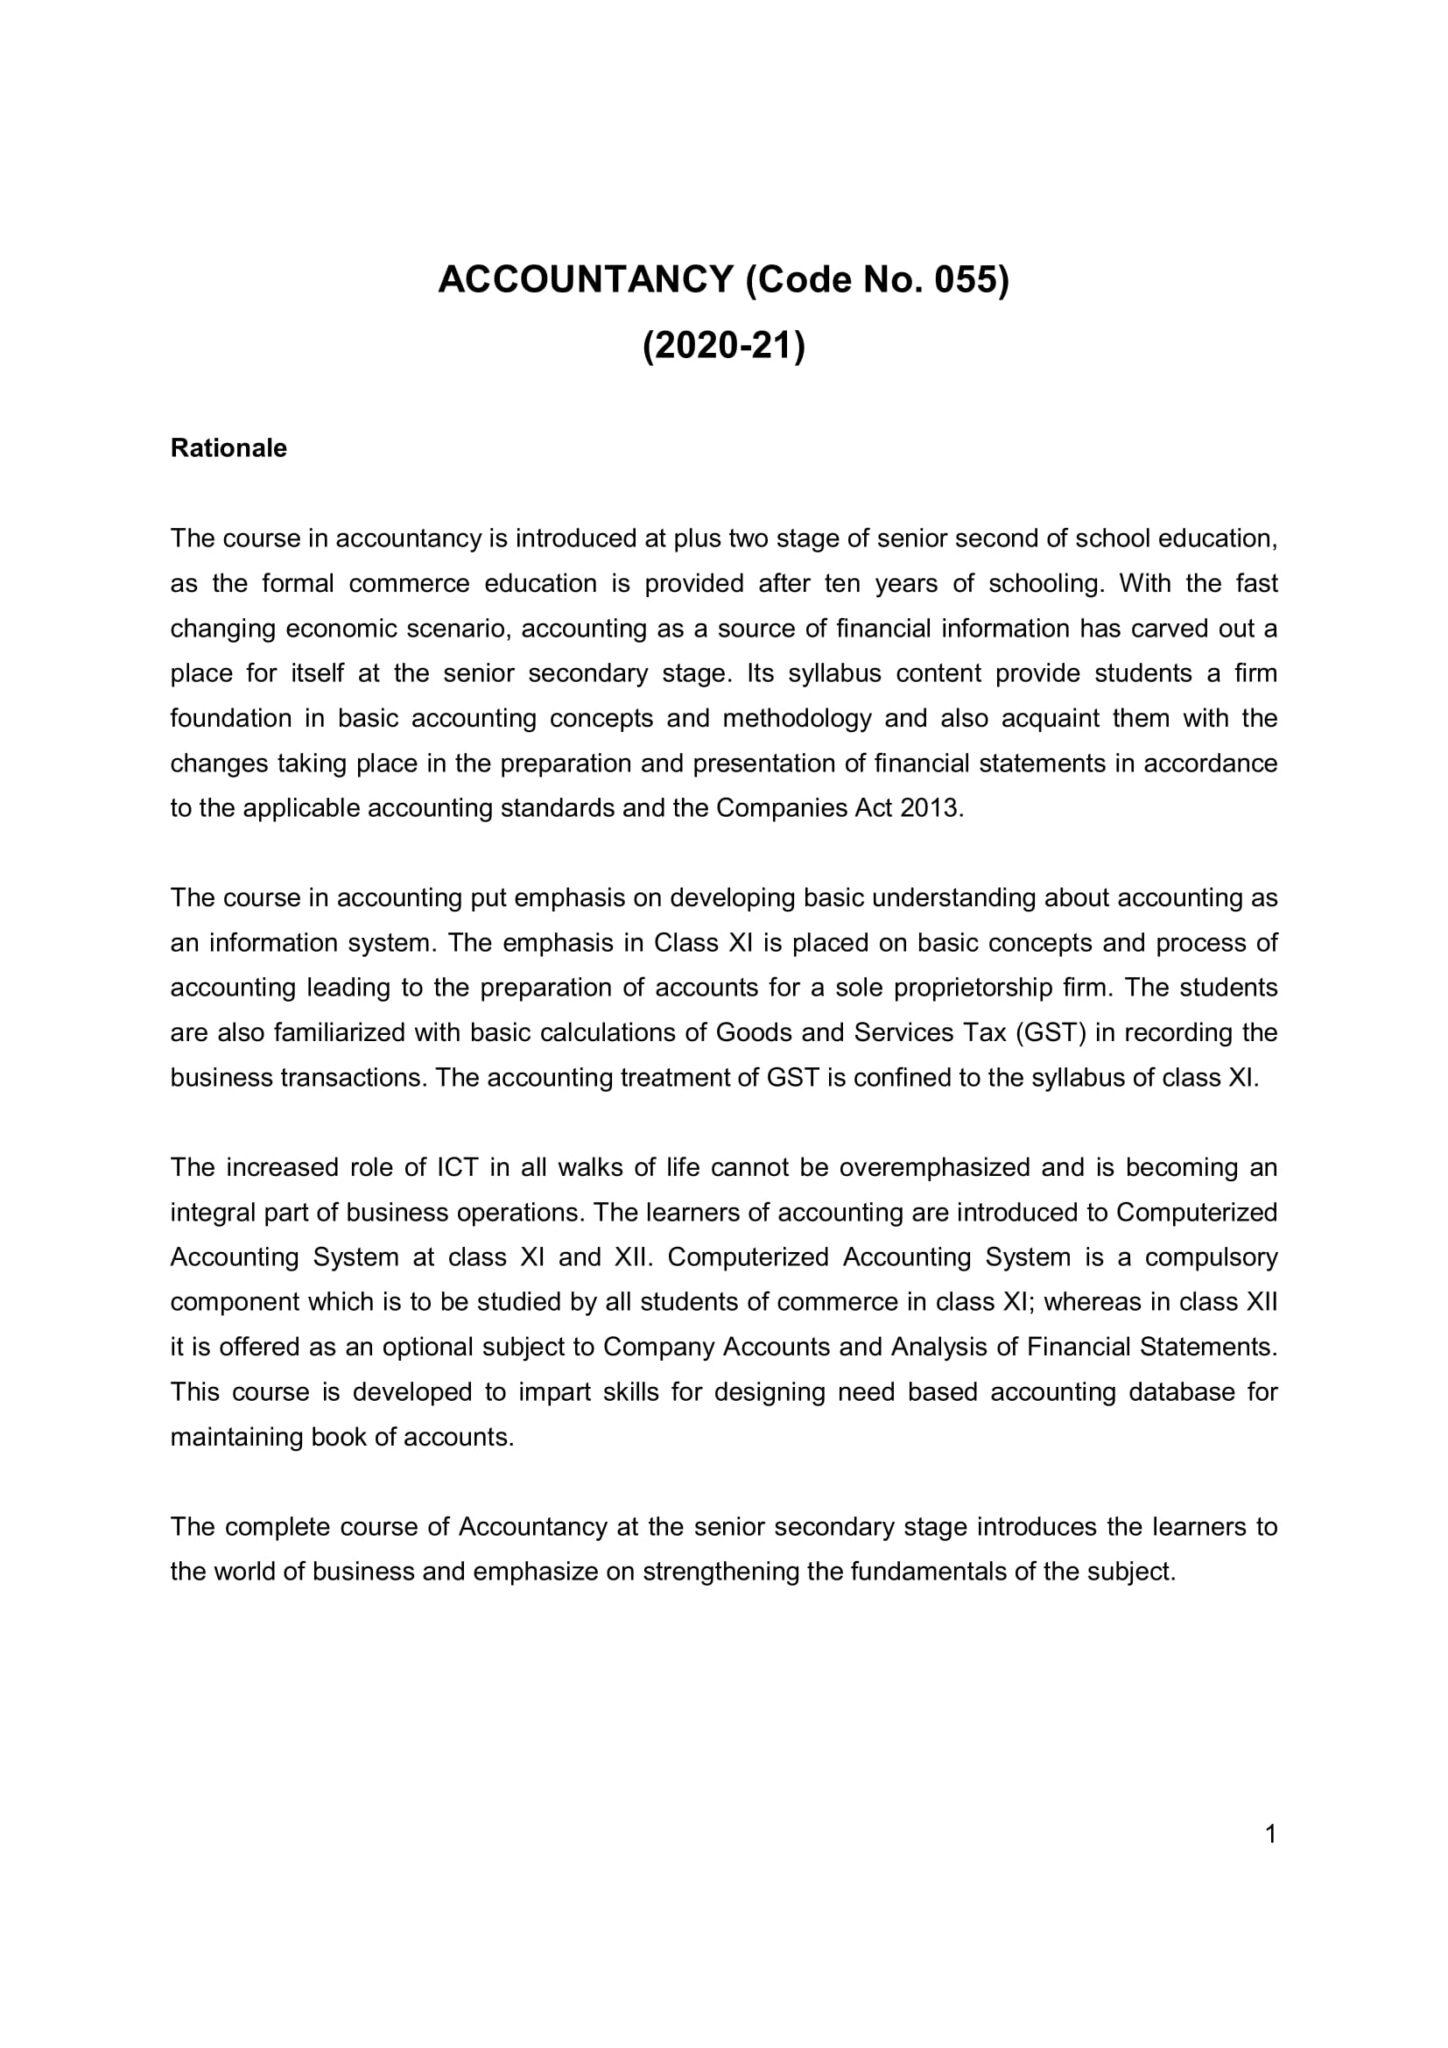 Accountancy Sr.Sec 2020 21 01 1